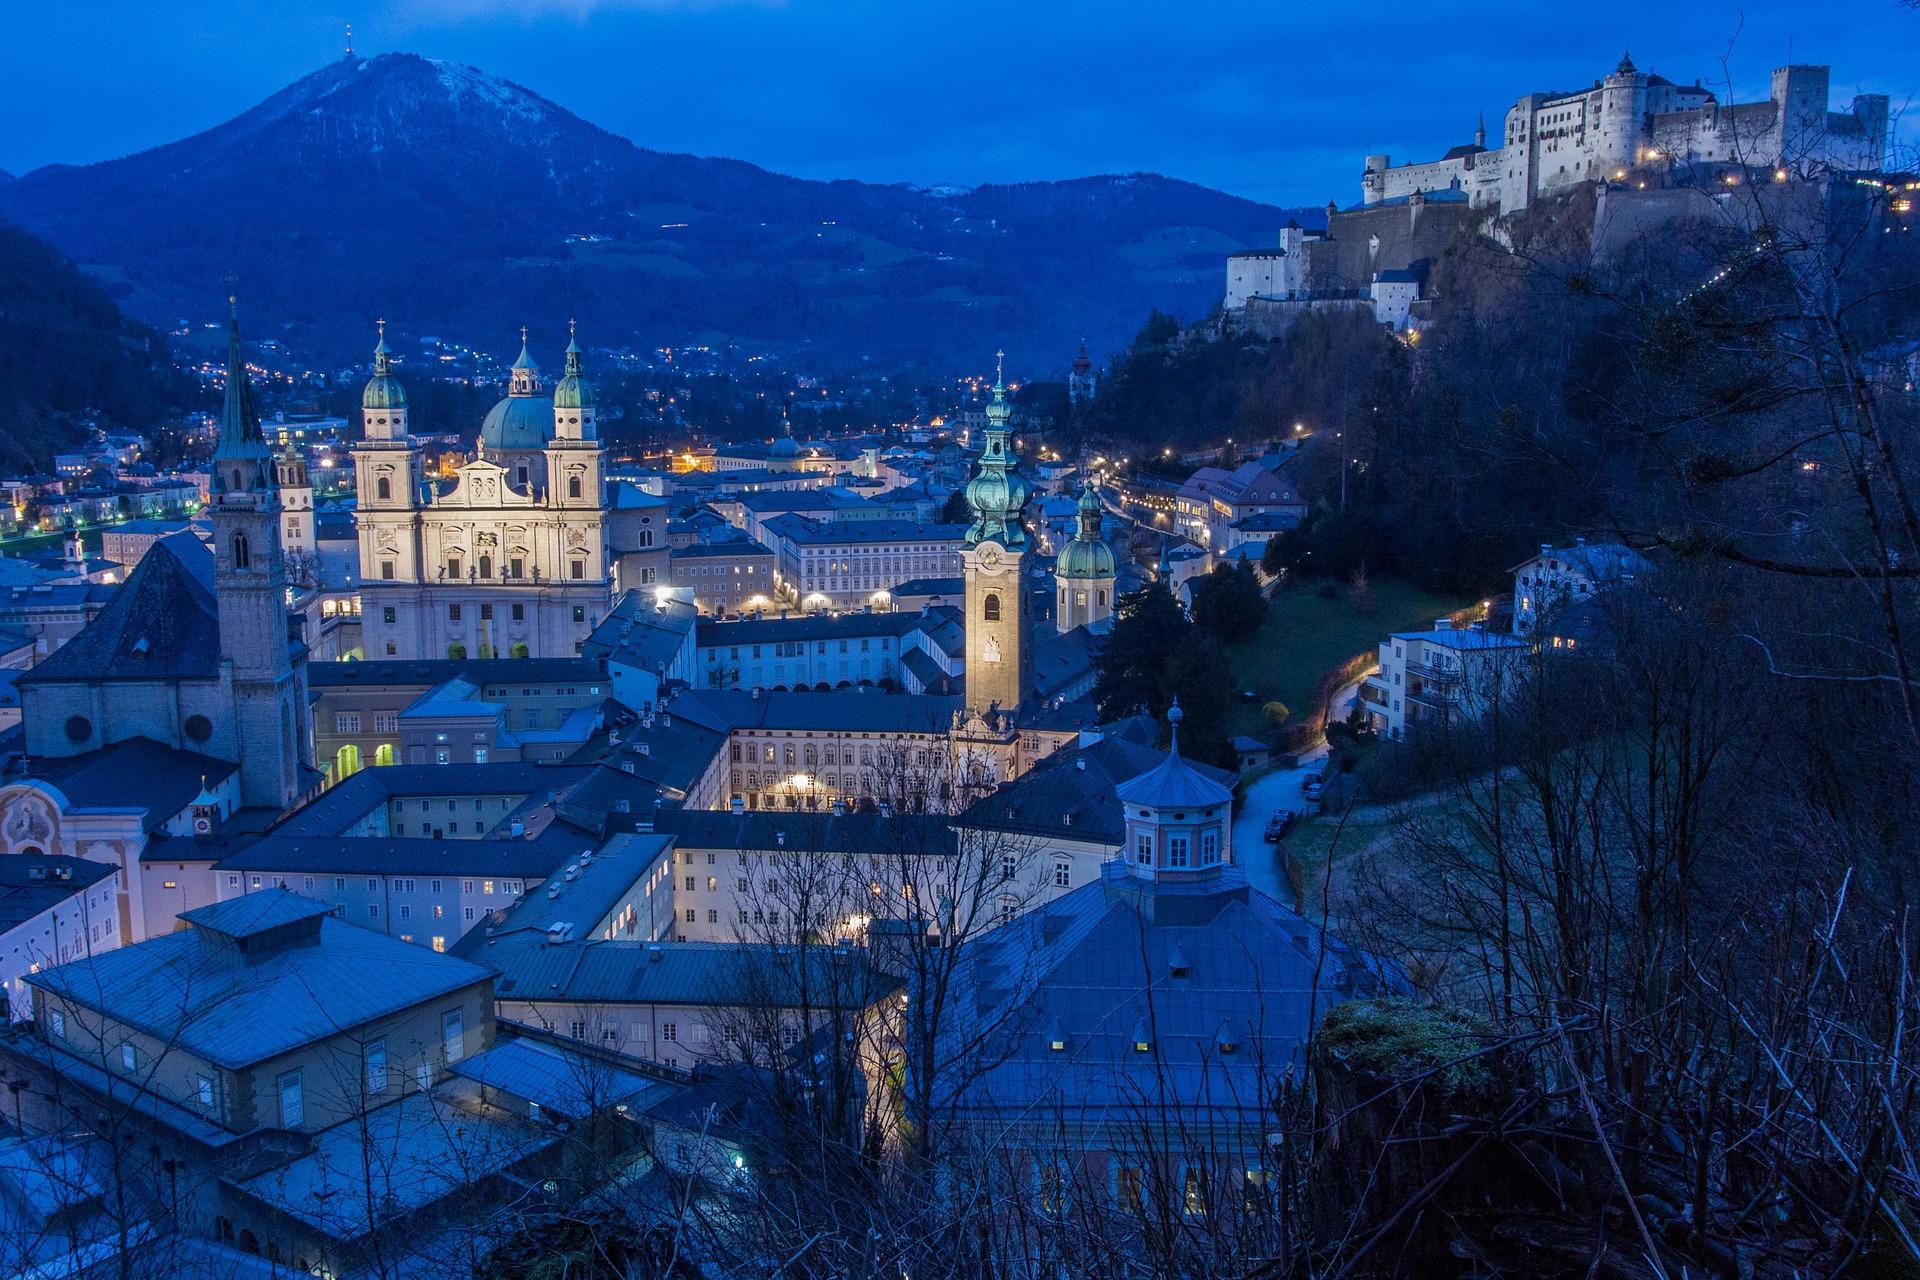 zimný Salzburg